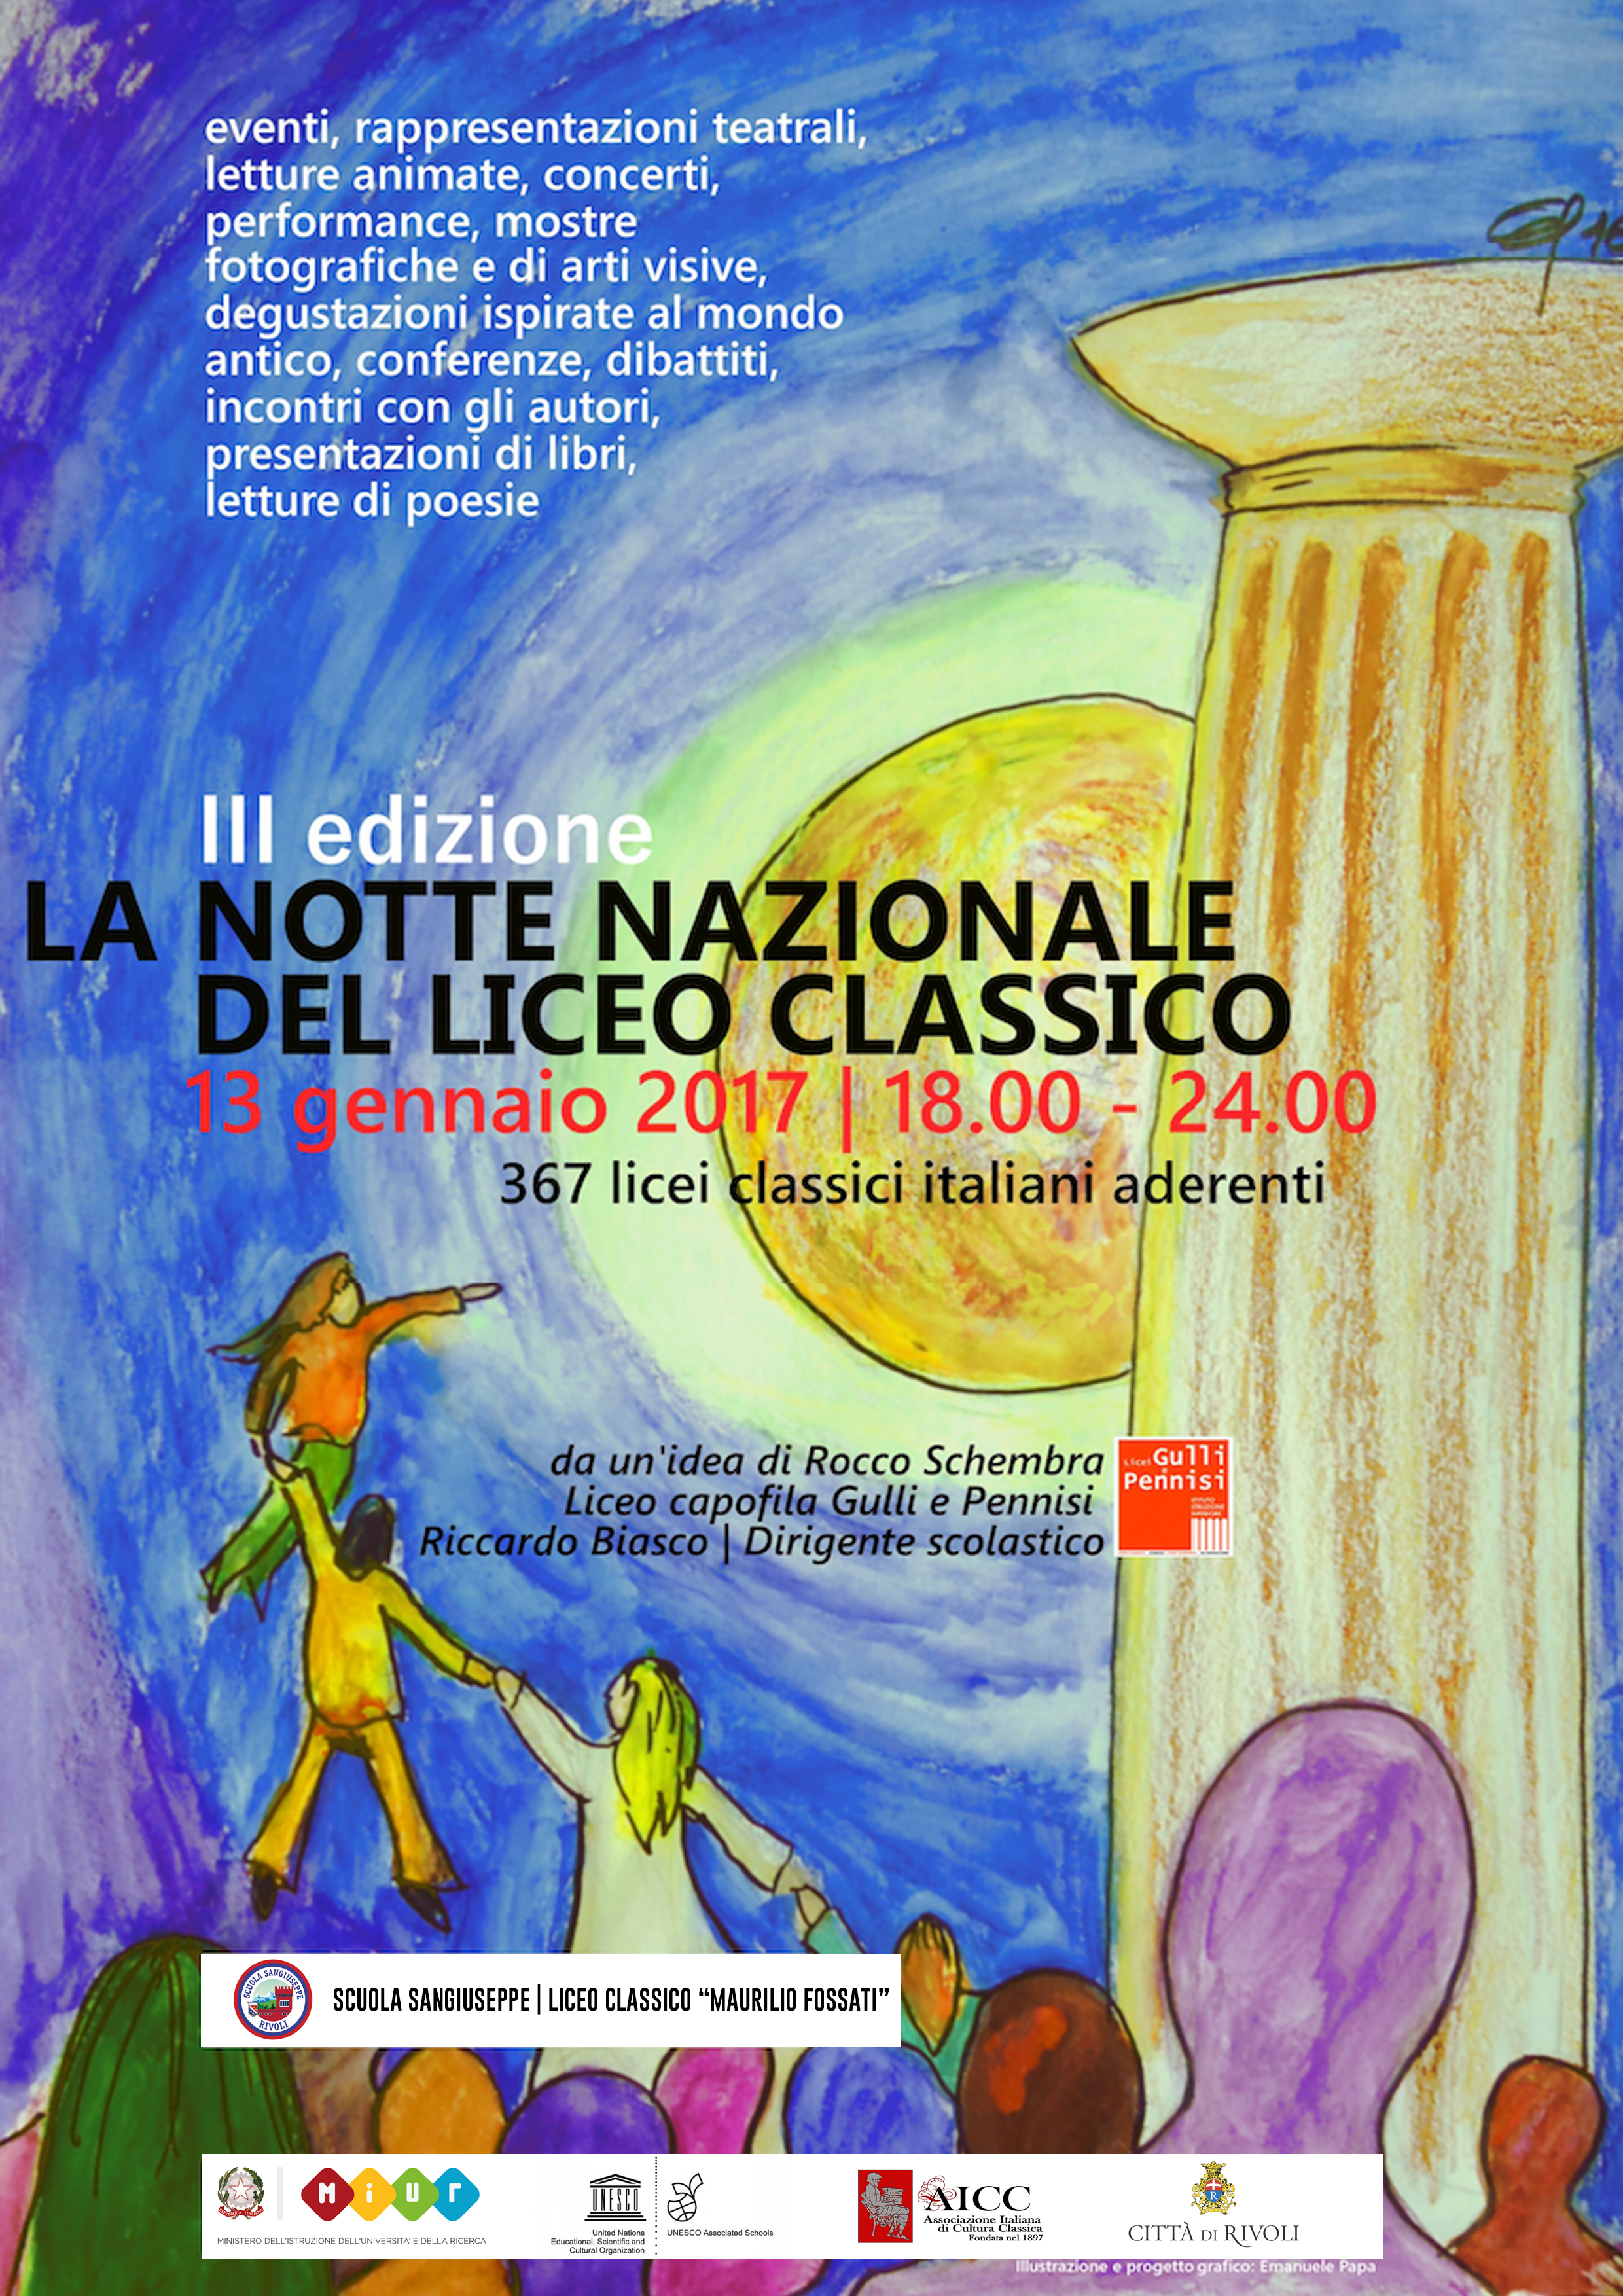 locandina-notte-nazionale